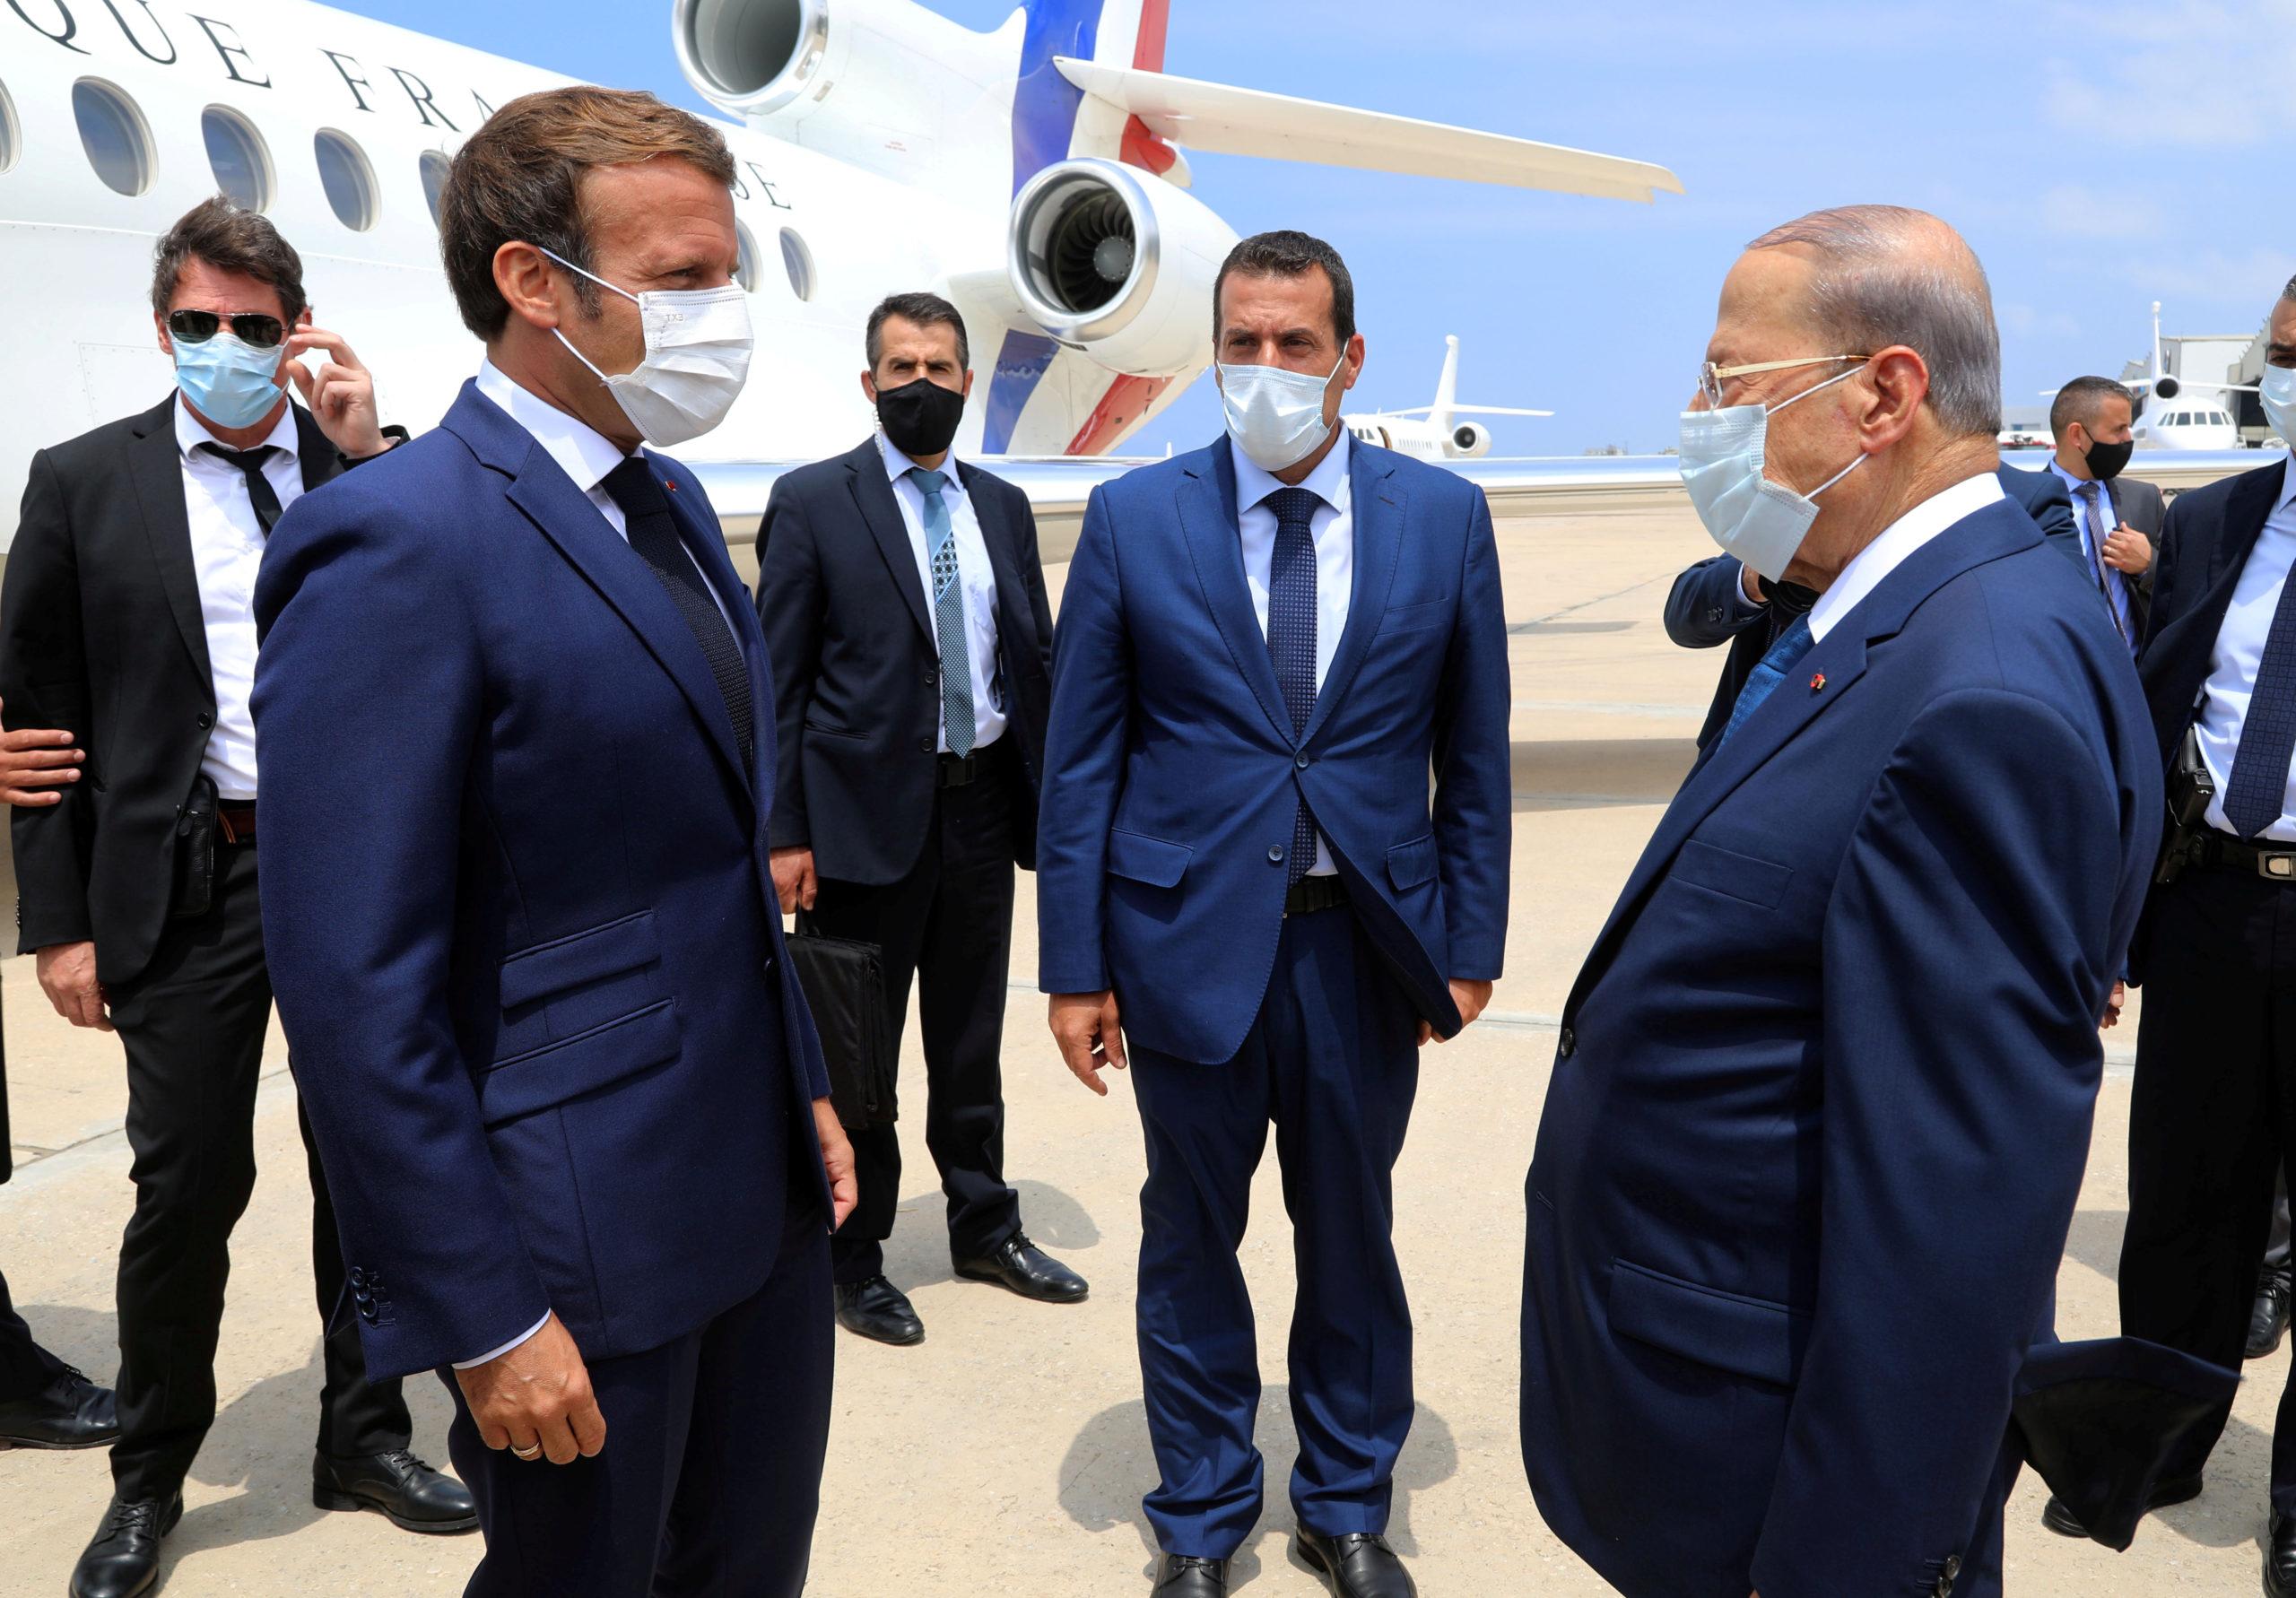 """A Beyrouth, capitale sinistrée, Macron appelle à un """"changement profond"""""""